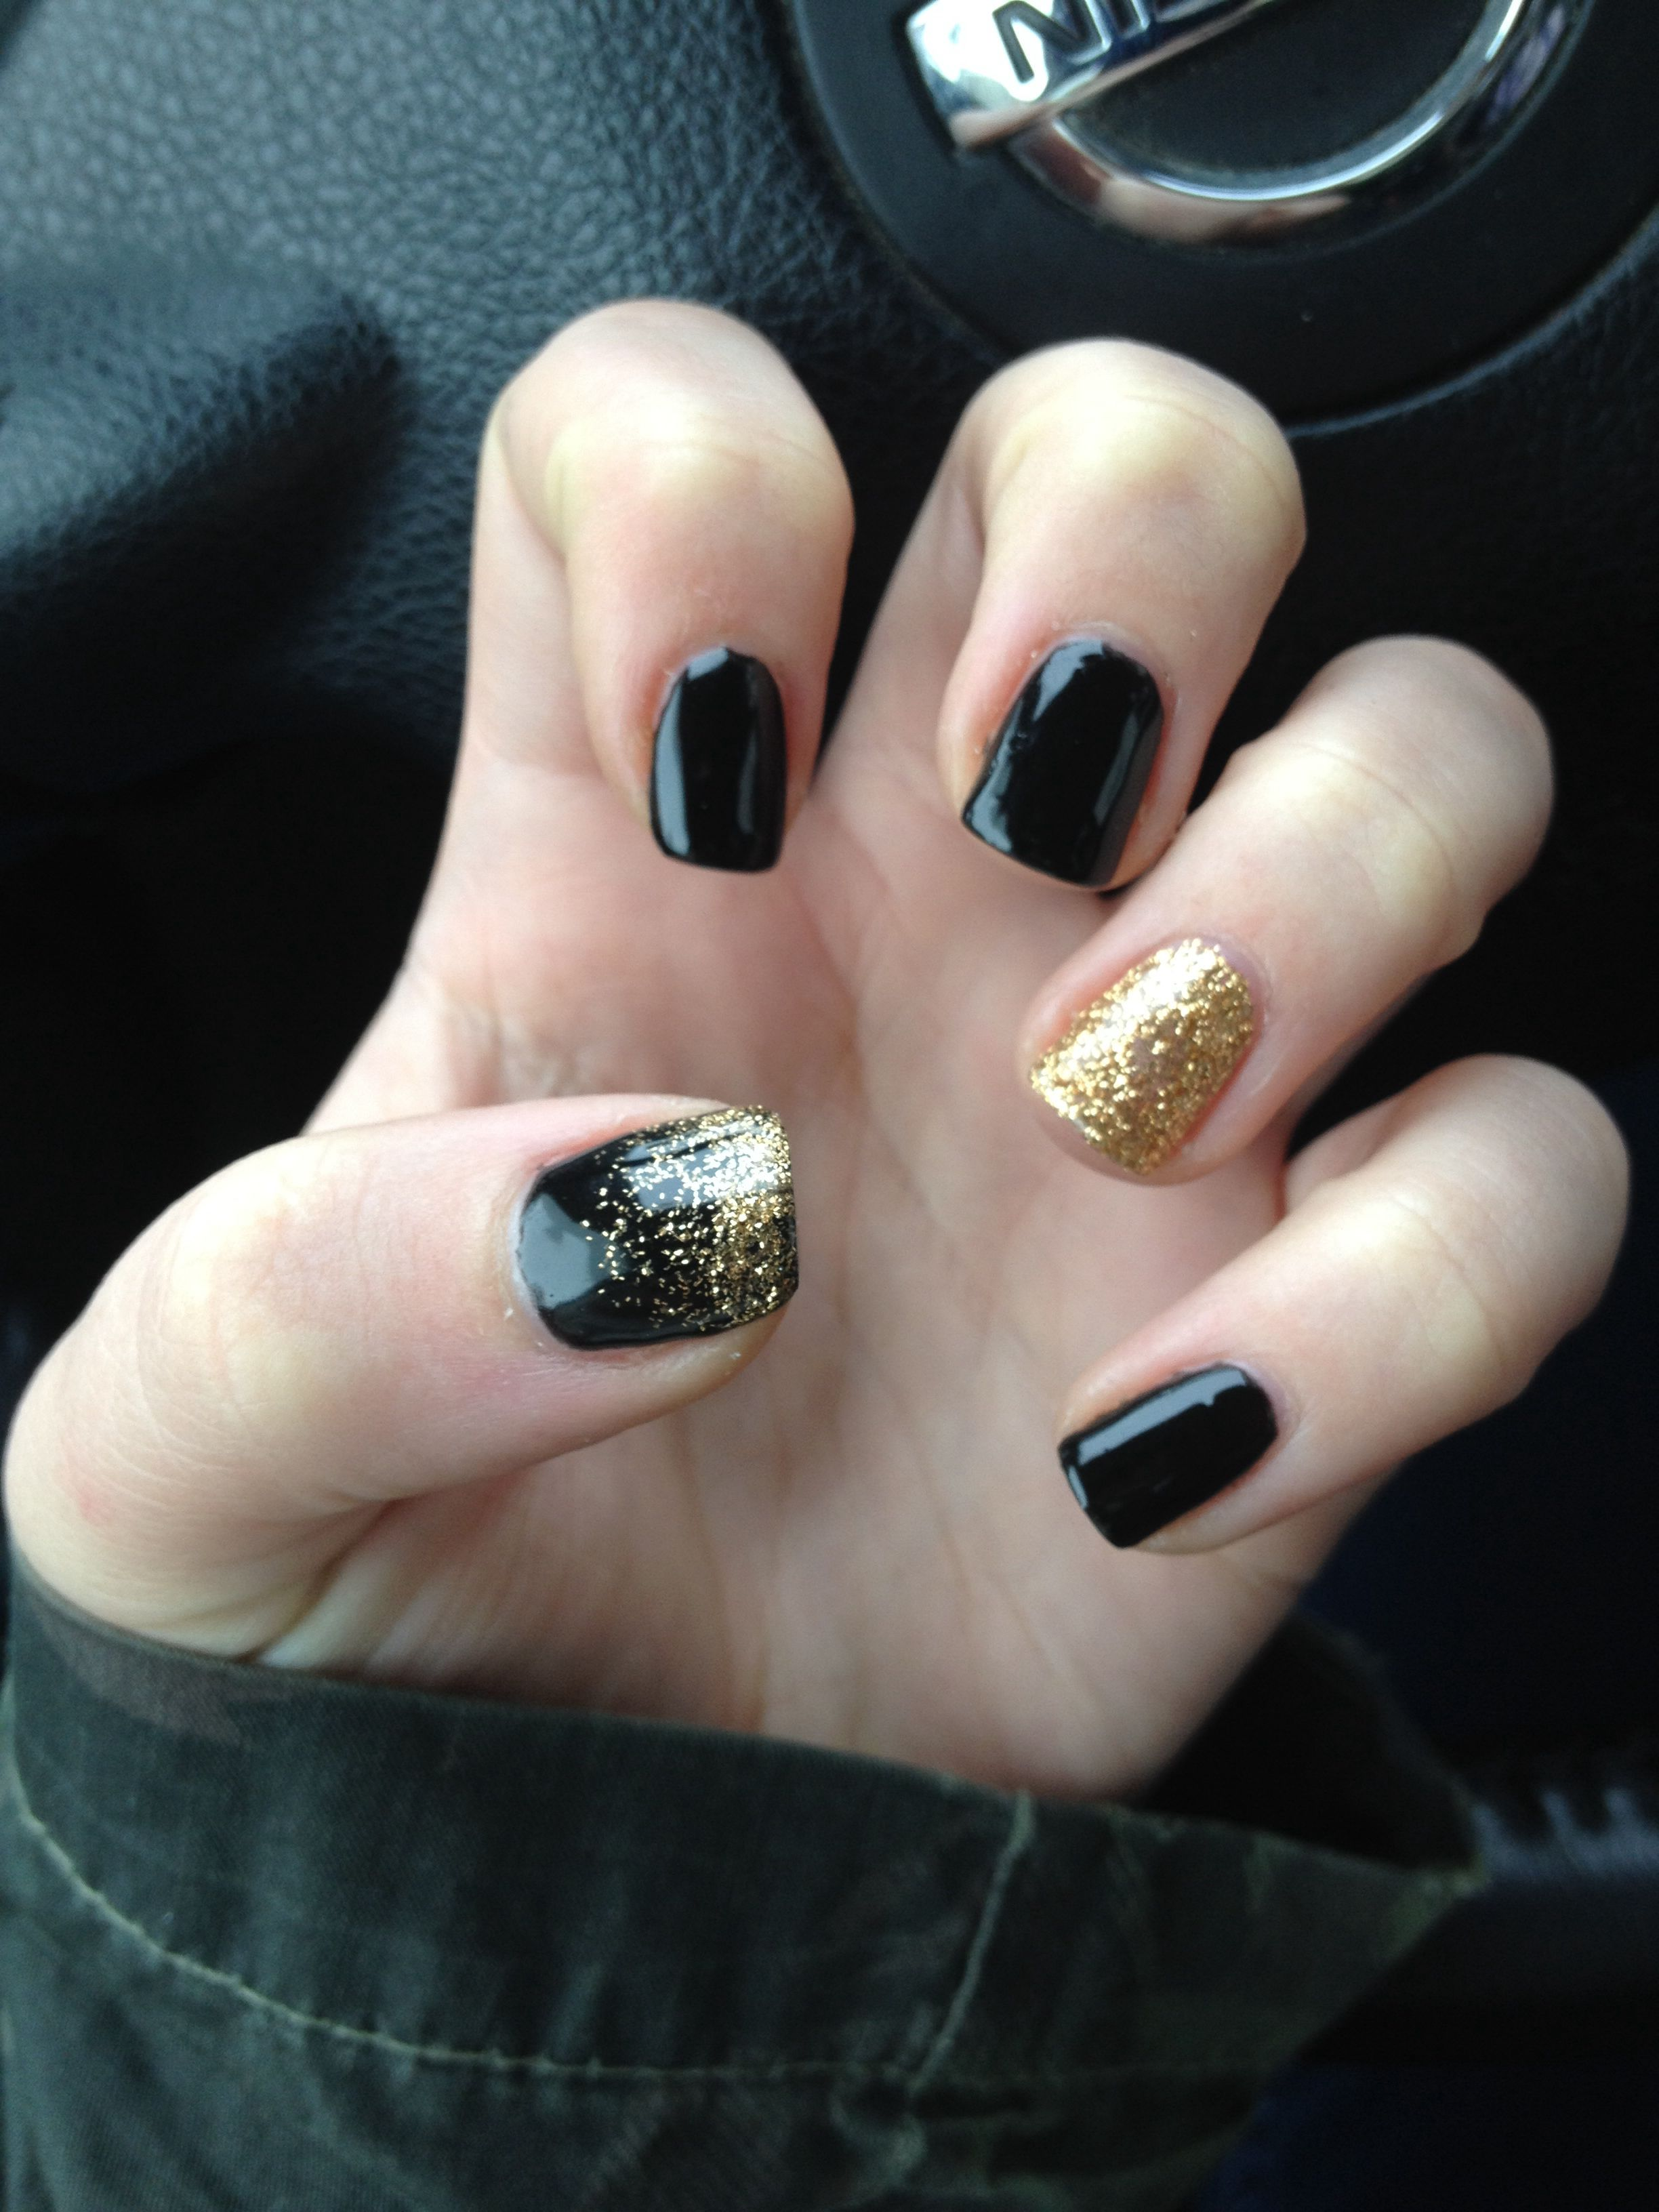 New Years nails 2013 | Nails | Pinterest | Make up, Nail nail and ...